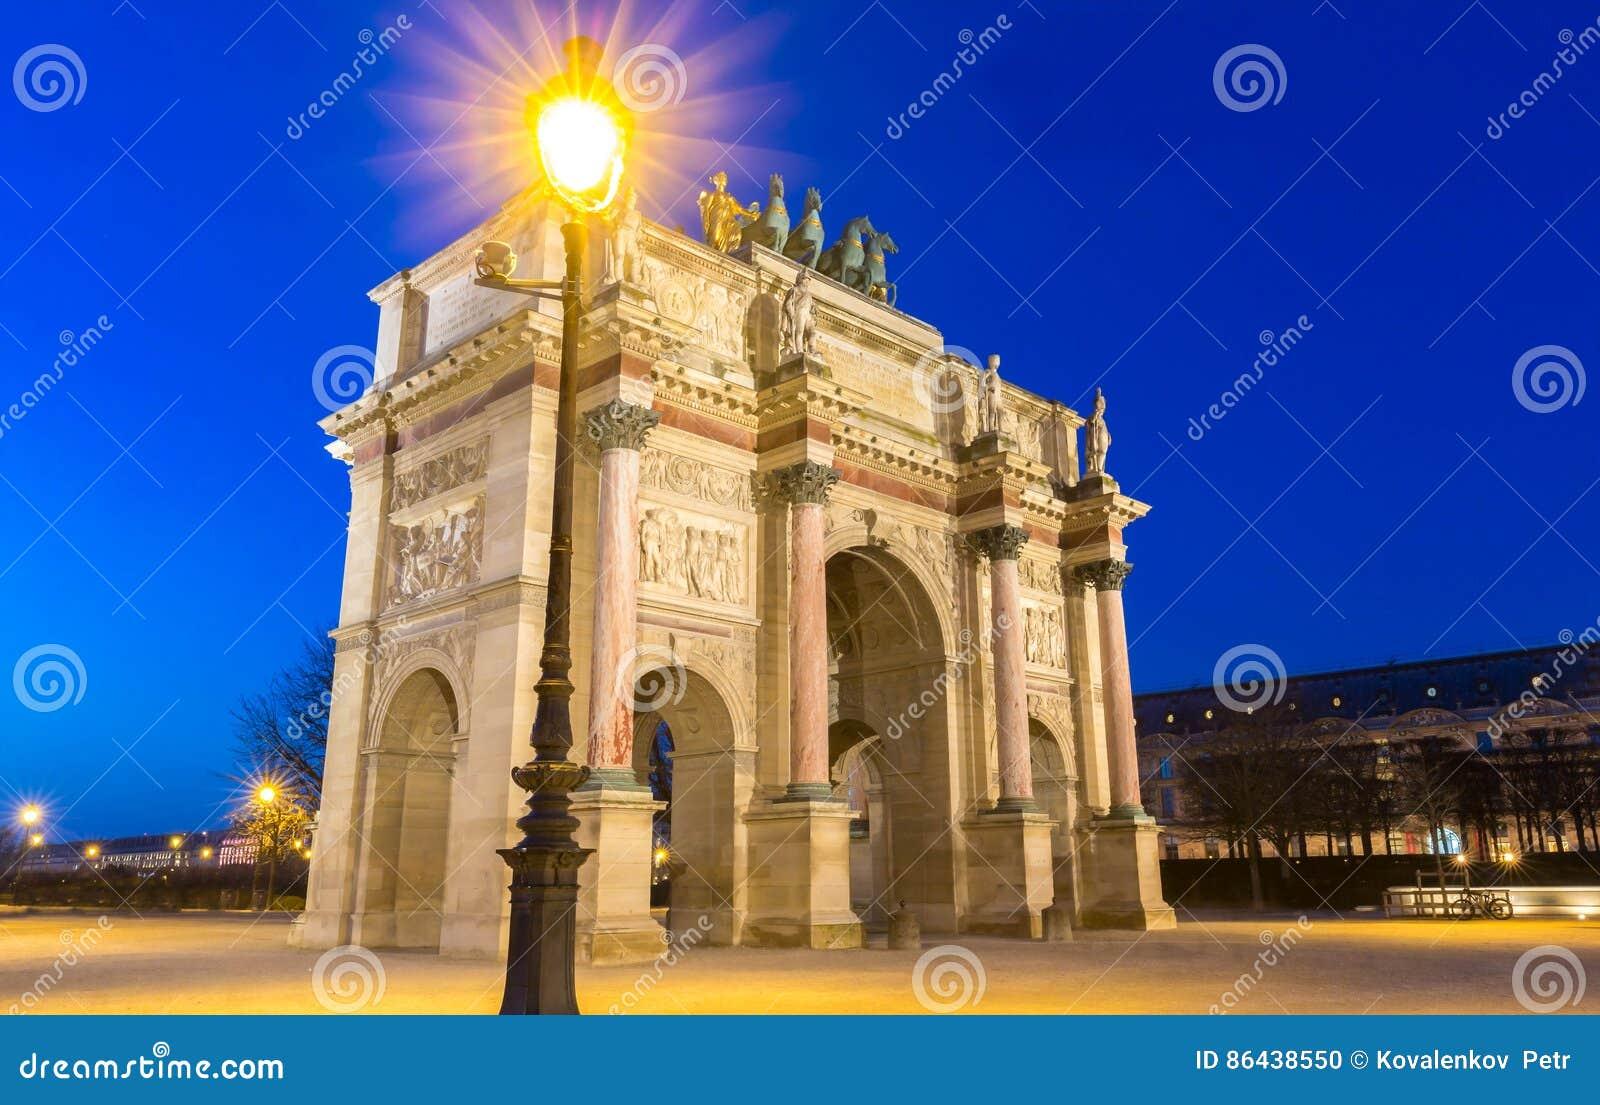 Das Karussell Bogende Triomphe du, Paris, Frankreich